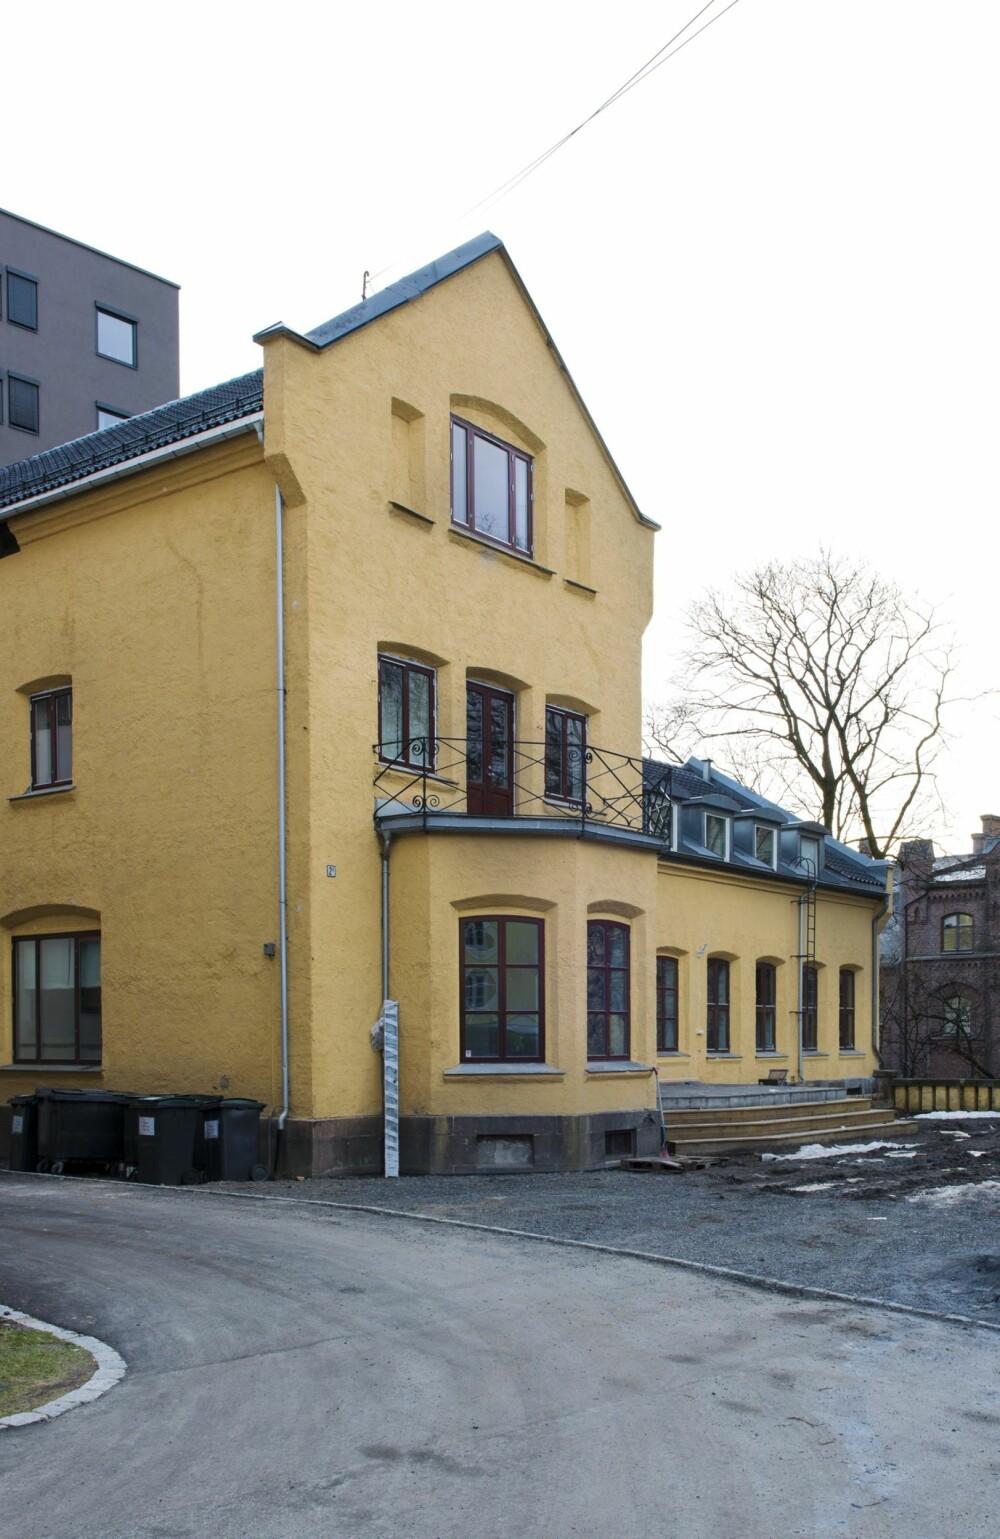 FIN FASADE: Murvillaen ble oppført i 1865 i engelsk stil, med preg av tysk borgromantikk. Her bodde direktøren av Bjølsen Valsemølle med sin familie.